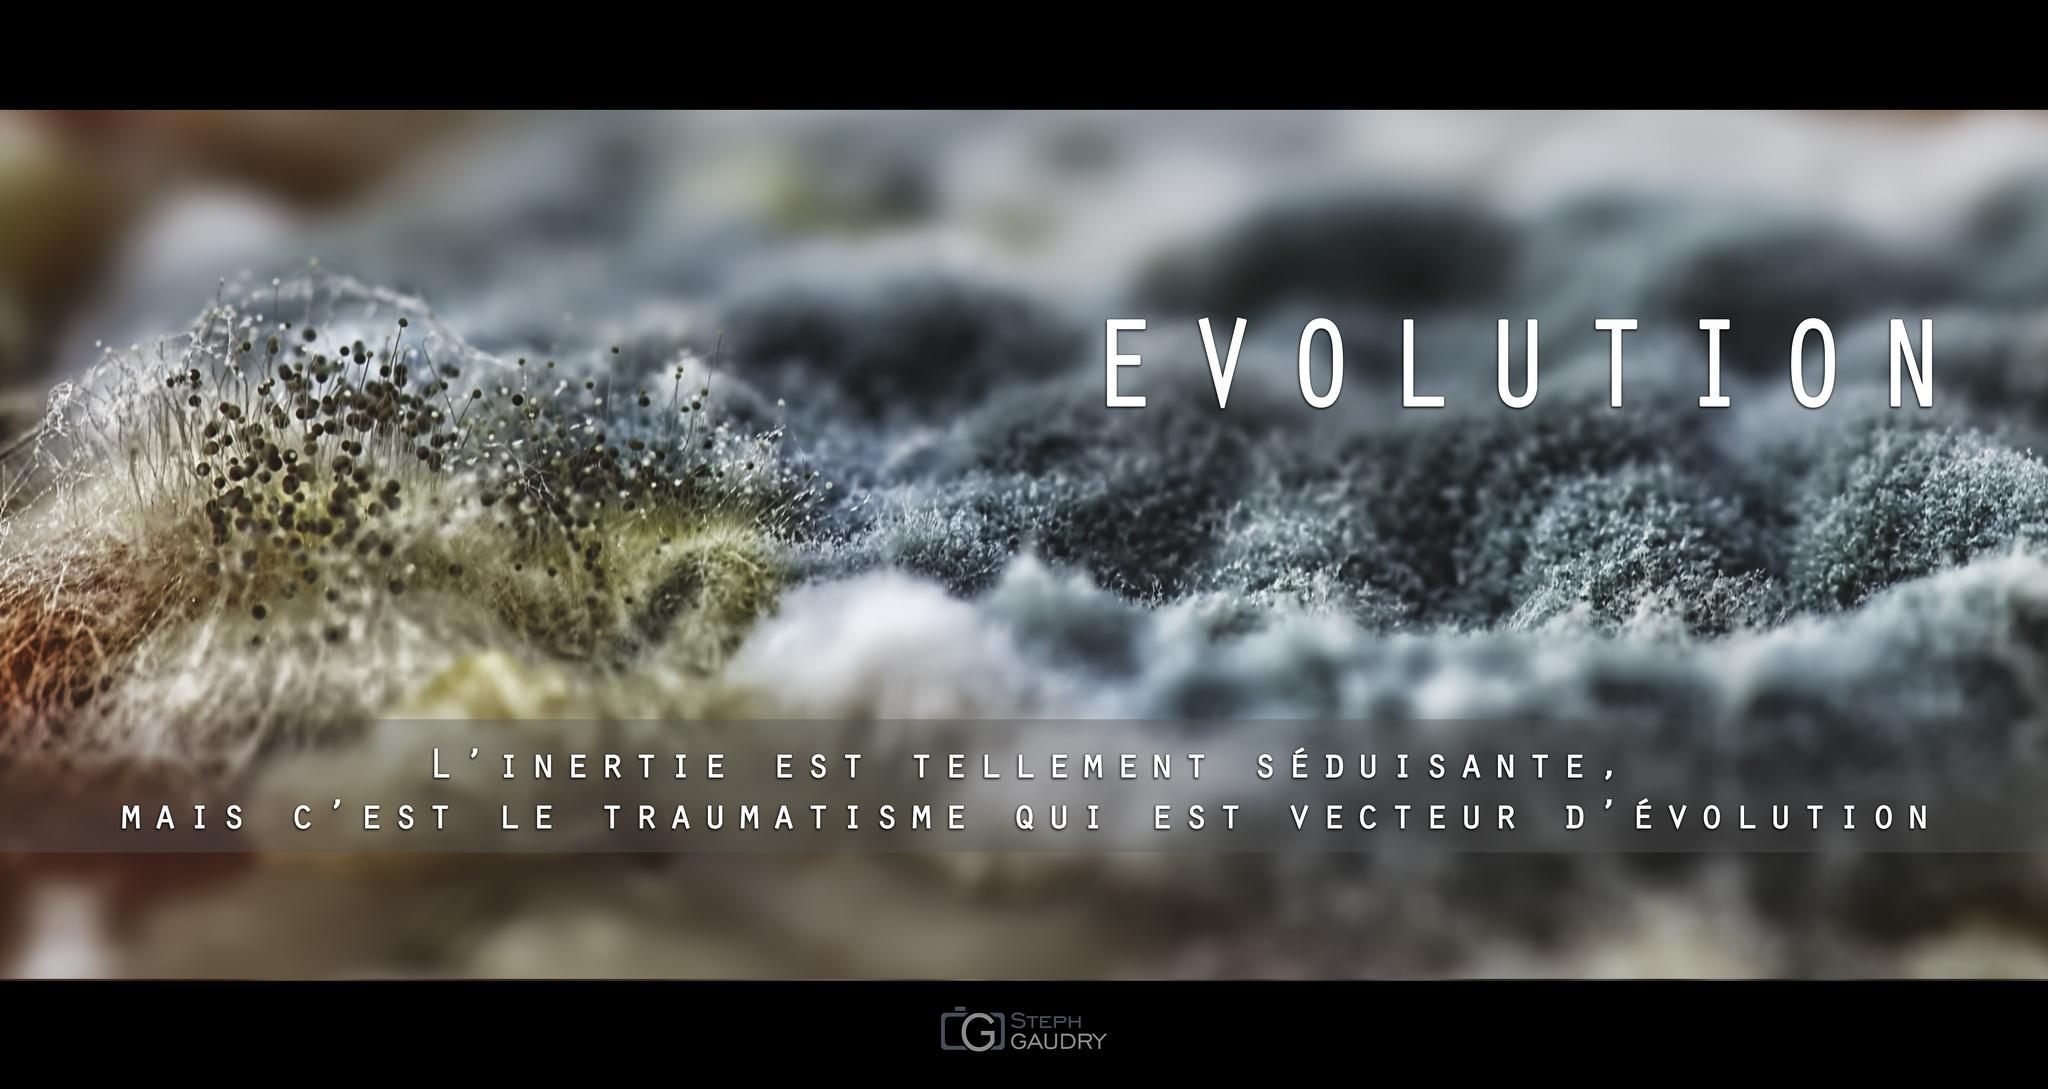 EVOLUTION [Click to start slideshow]